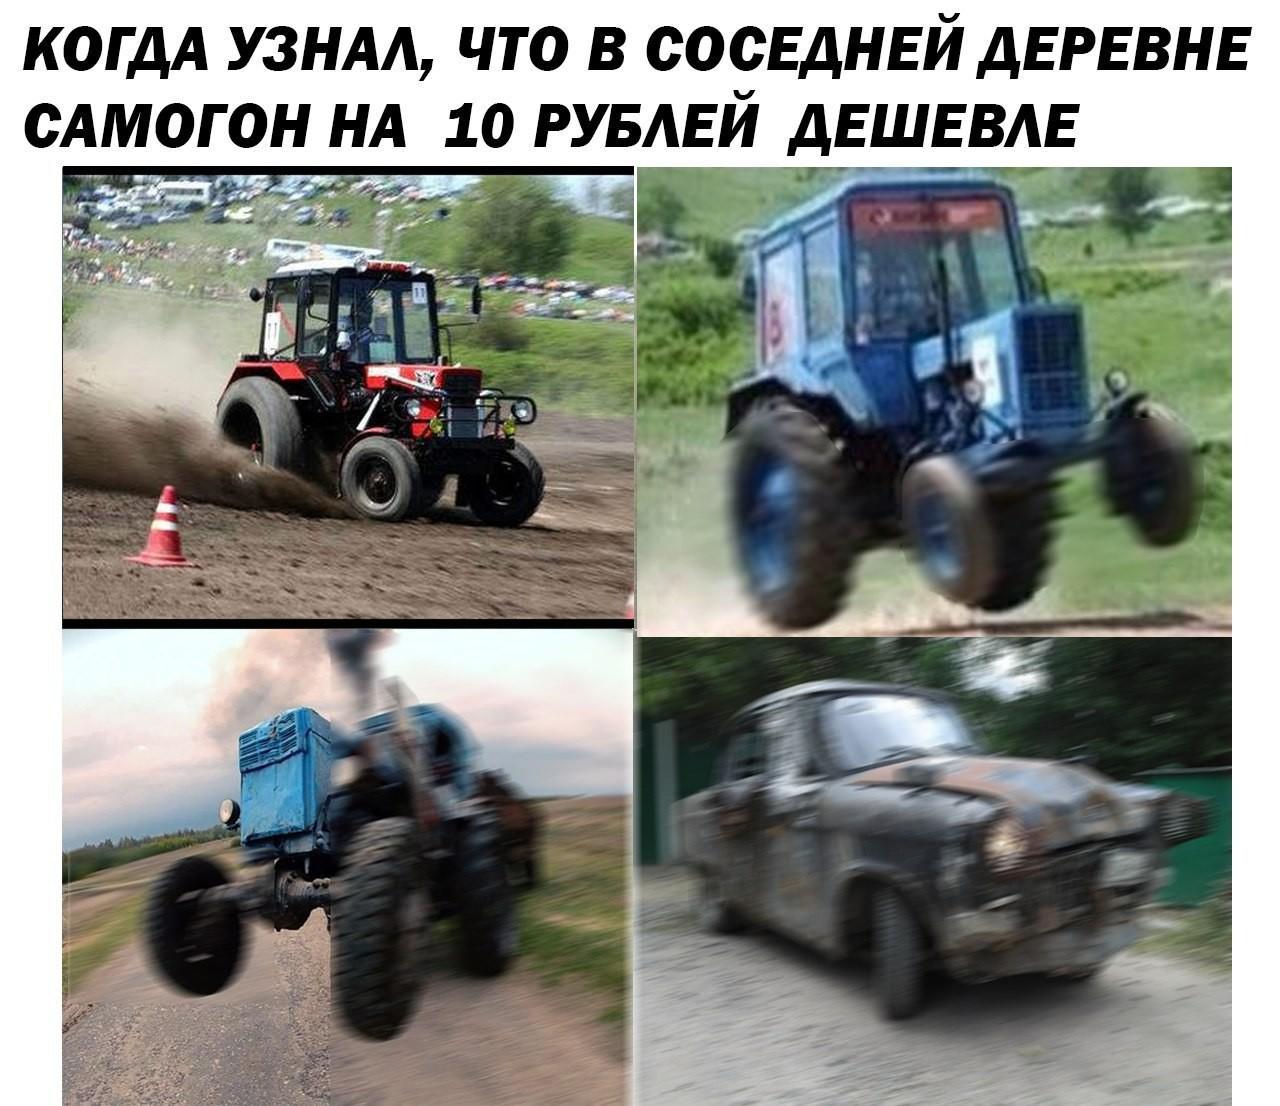 Прикольные картинки с тракторами мтз с надписями, открытки коллегам днем